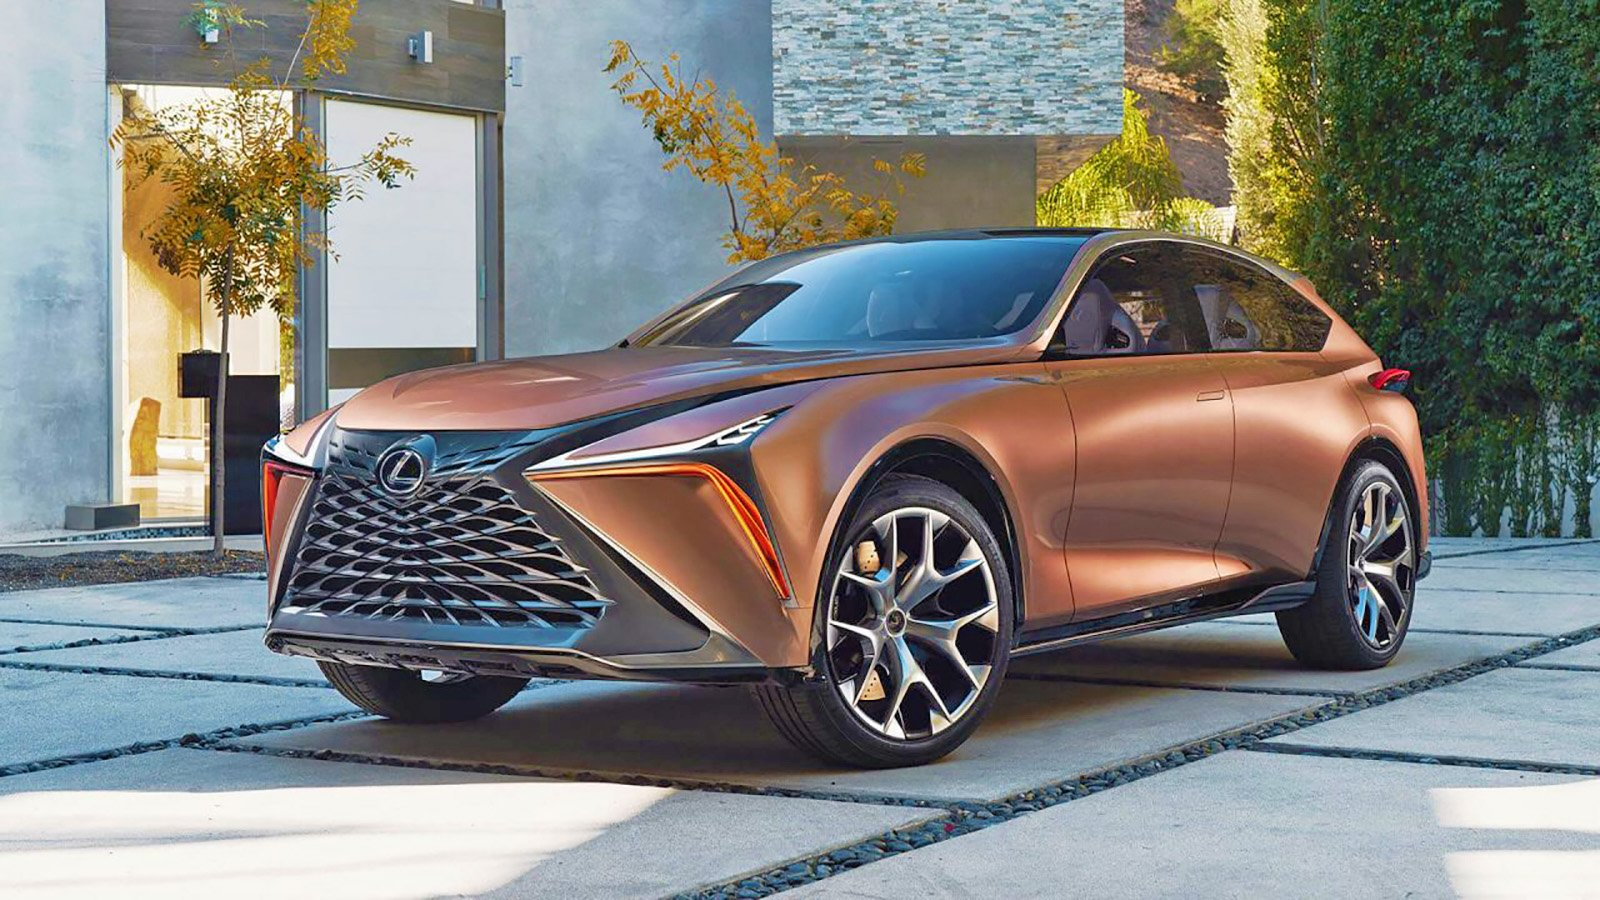 2022 Lexus Lq Everything We Know So Far Clublexus Inside Ucwords]